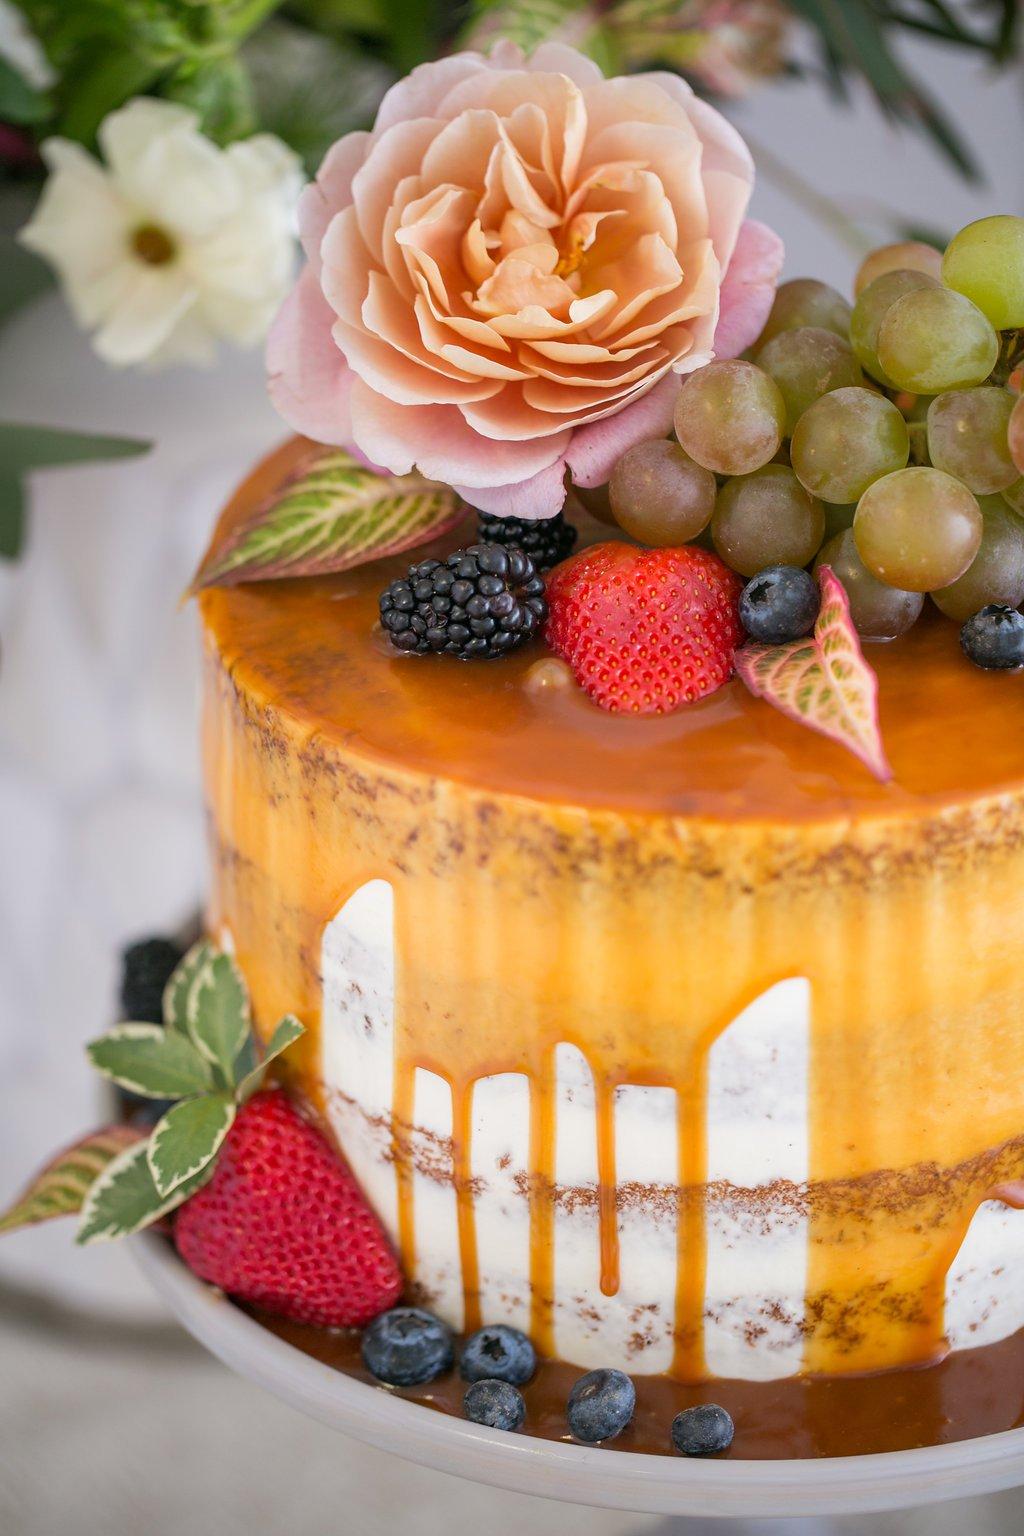 083b637fced Carmel glazed wedding cake for spring wedding